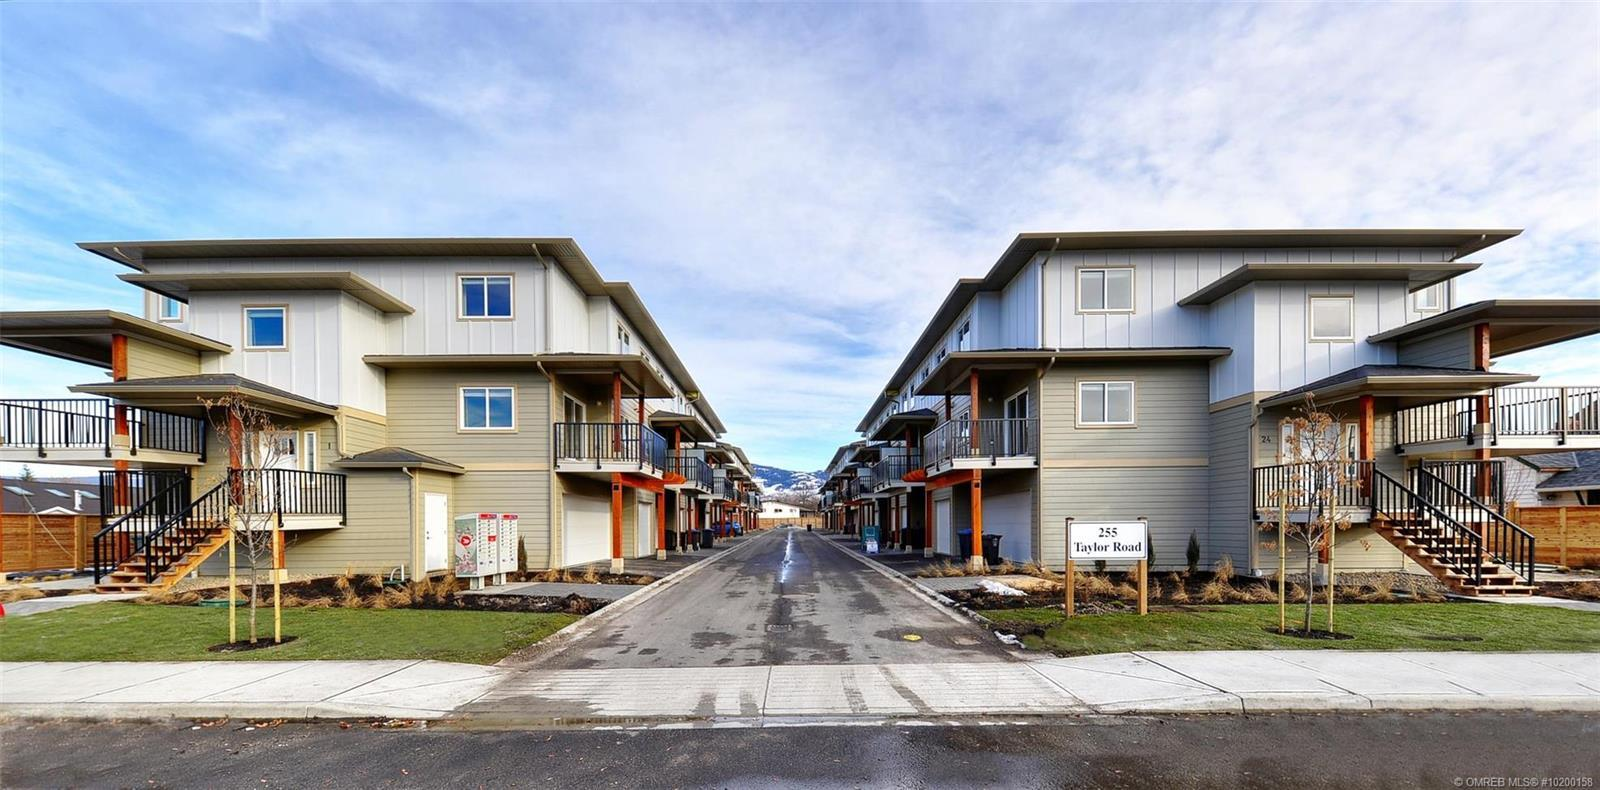 #10 255 Taylor Road,, kelowna, British Columbia